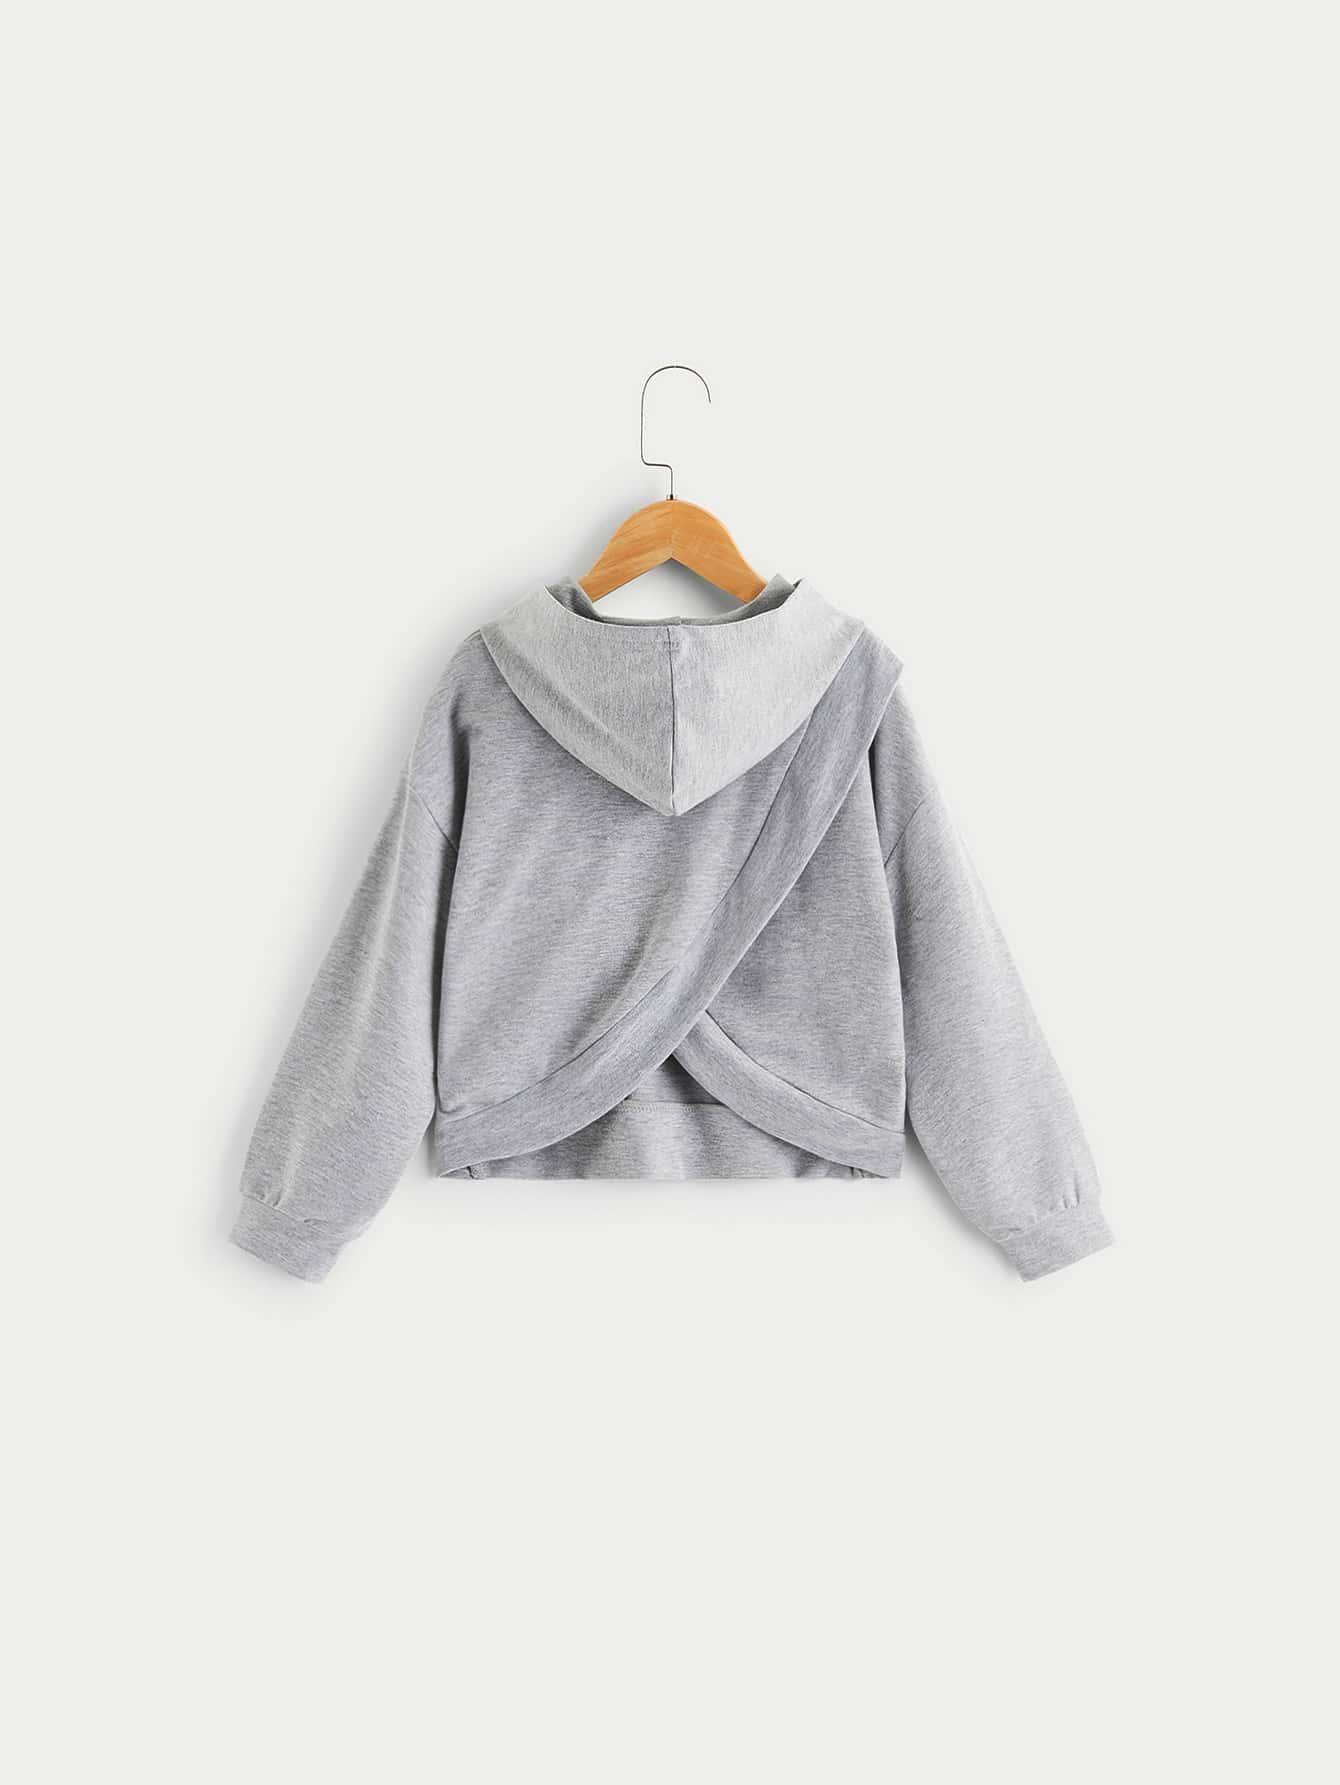 Купить Однотонный стильный свитшот с капюшоном и заниженной линией плеч, null, SheIn